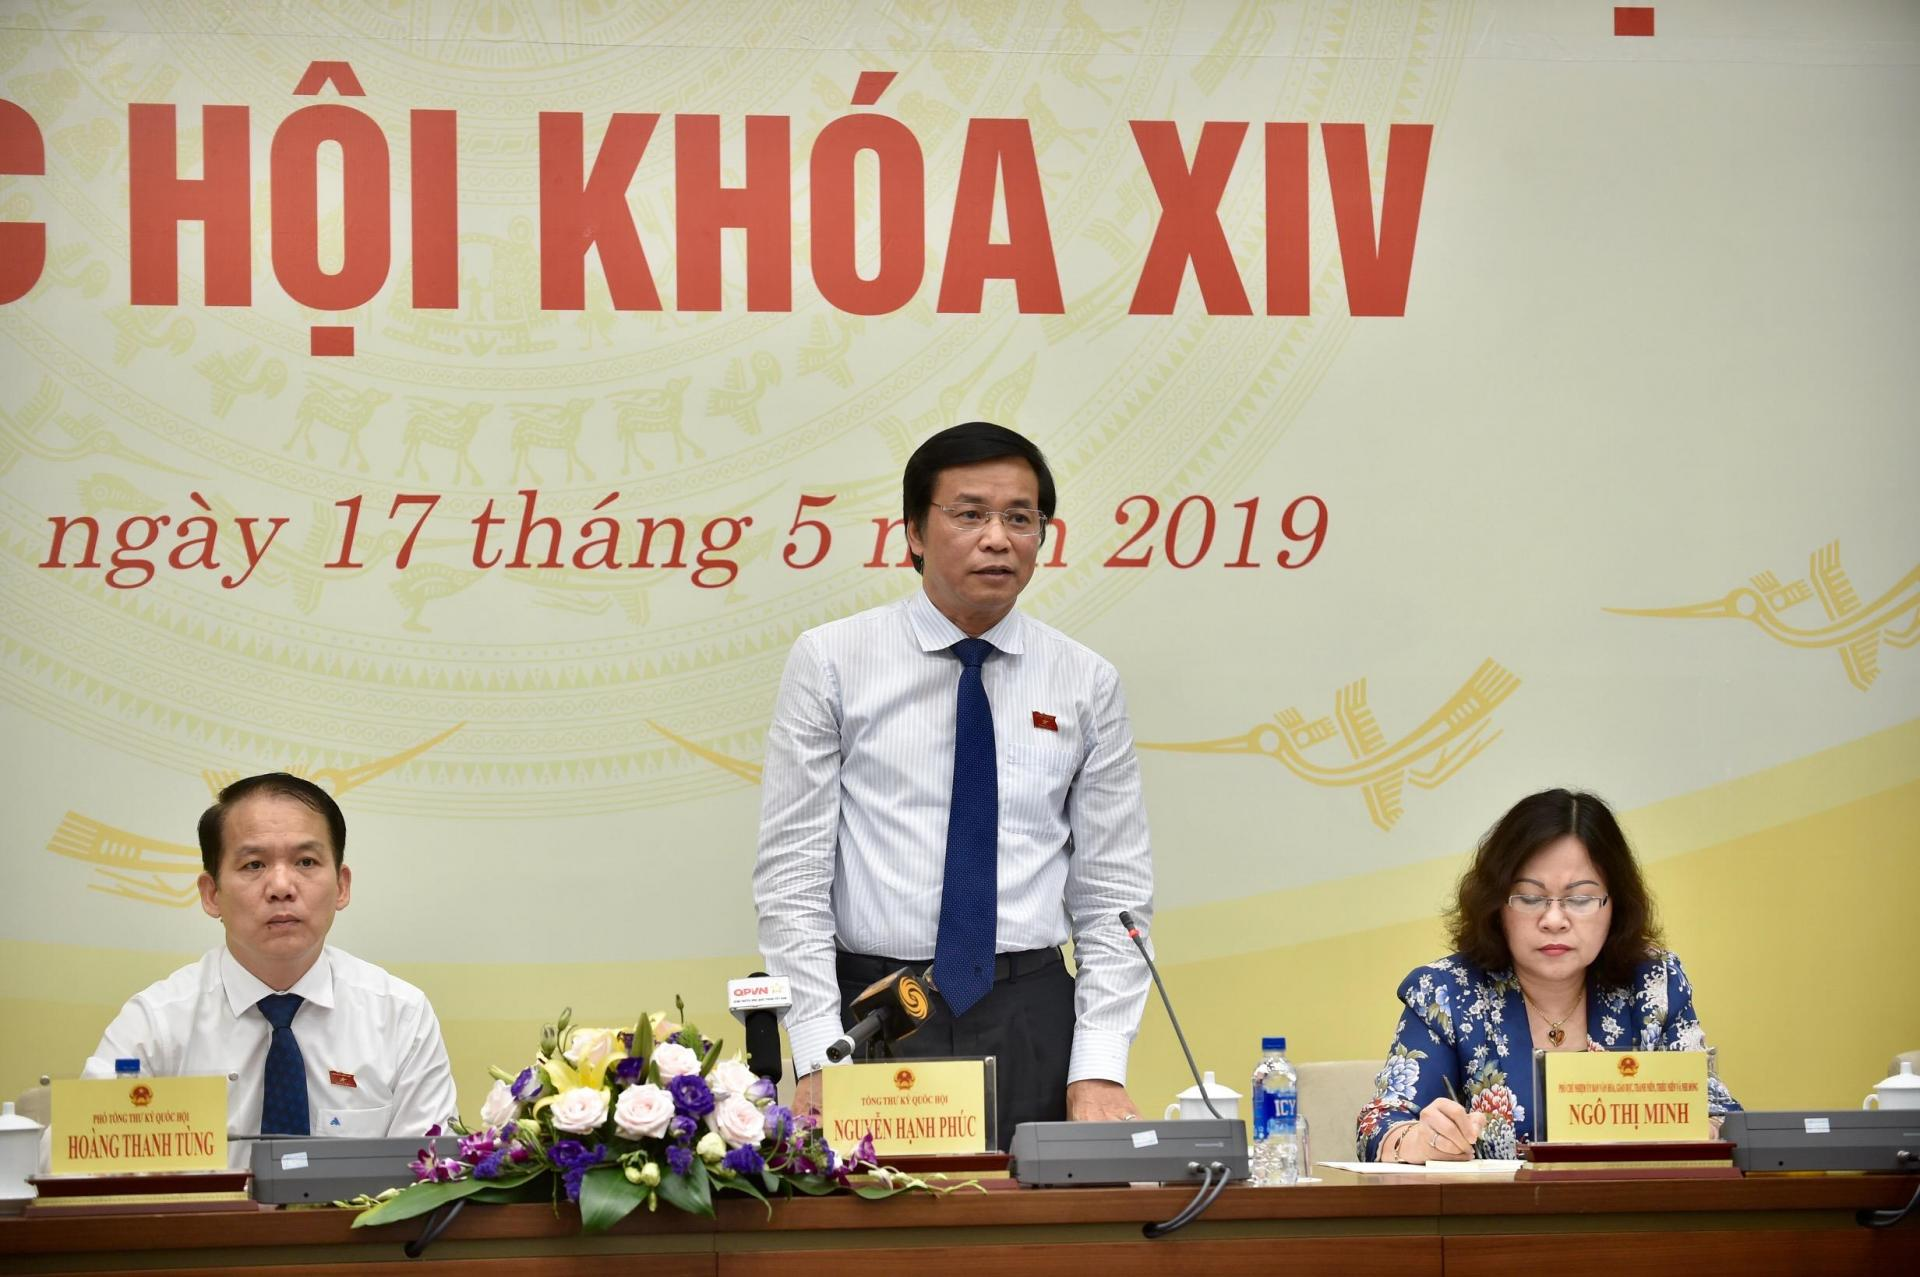 Lãnh đạo Văn phòng Quốc hội thông tin về kỳ họp thứ 7. Ảnh: VGP/Nhật Bắc